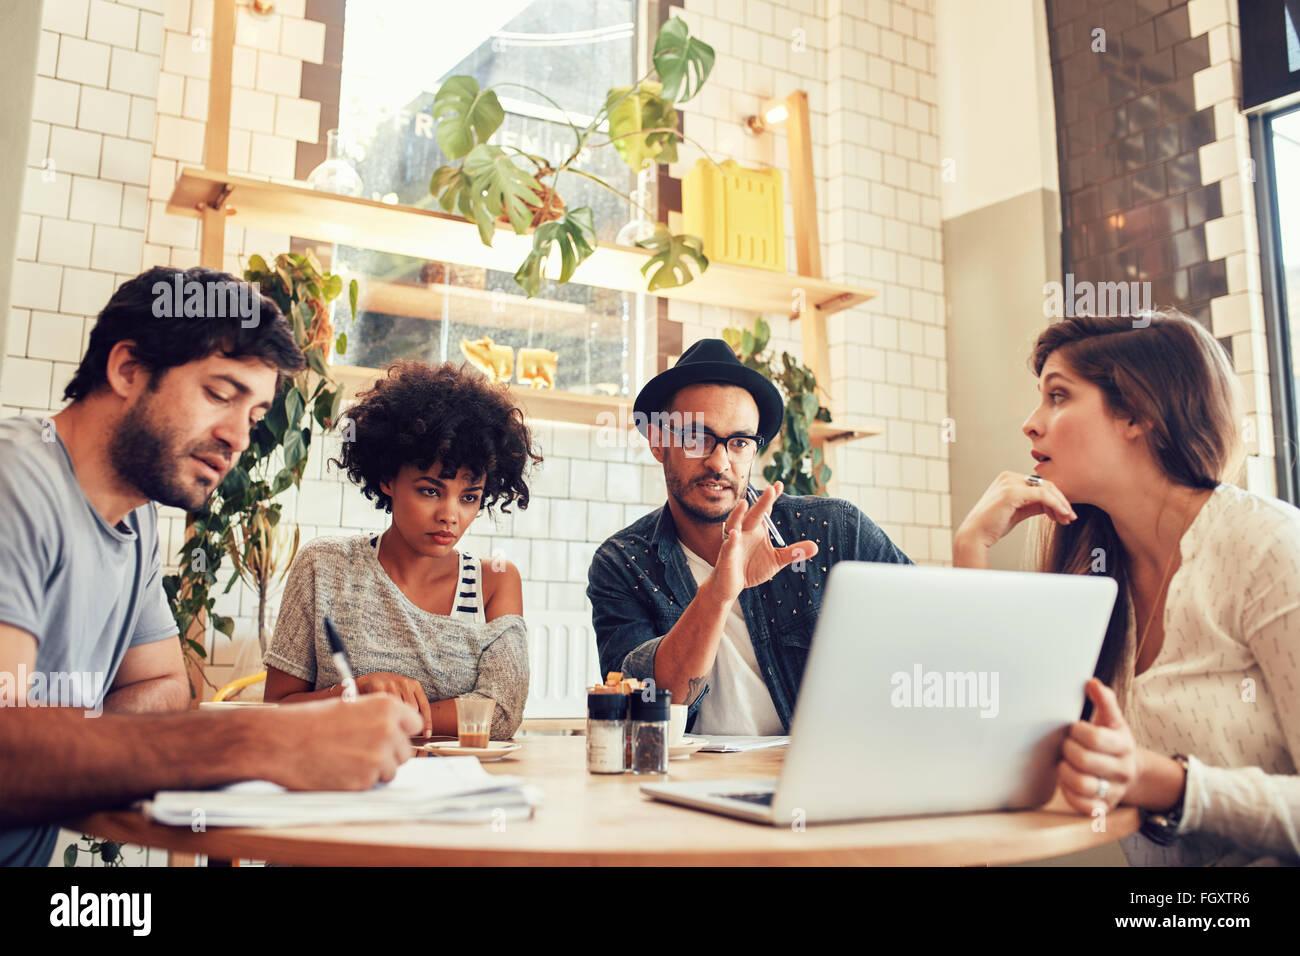 Retrato de negocio creativo equipo sentado en una cafetería con un portátil. Joven para debatir nuevas Imagen De Stock